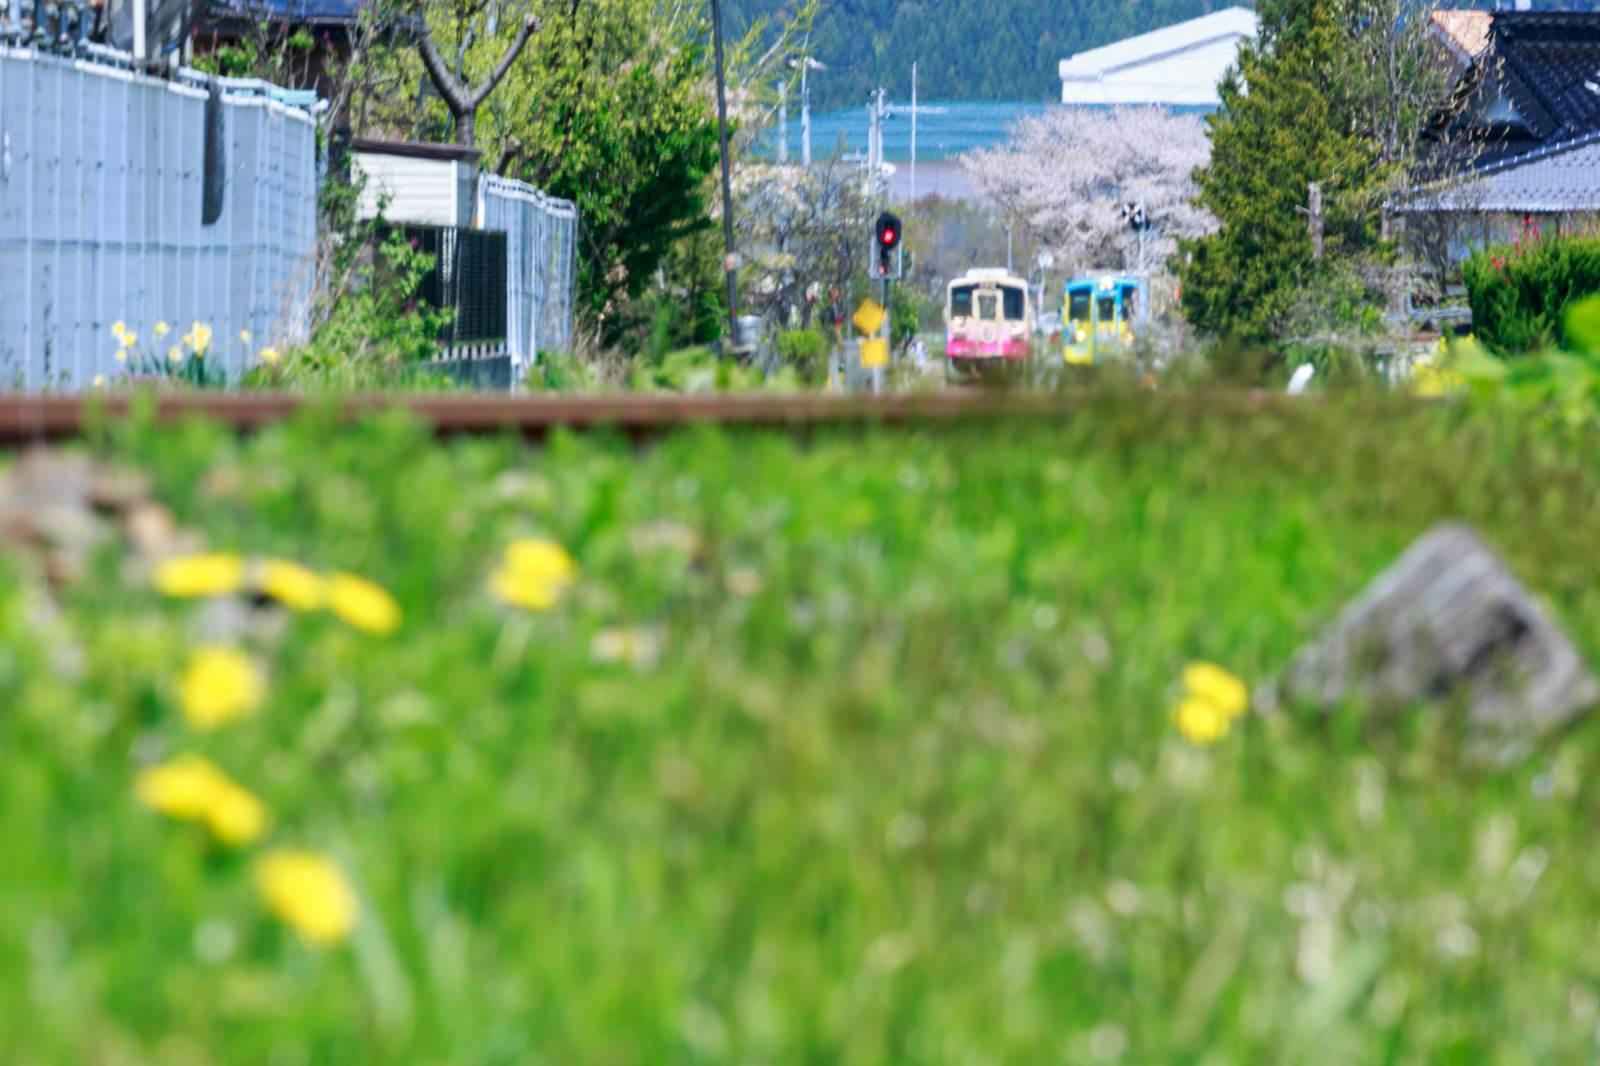 「春の訪れと由利高原鉄道春の訪れと由利高原鉄道」のフリー写真素材を拡大